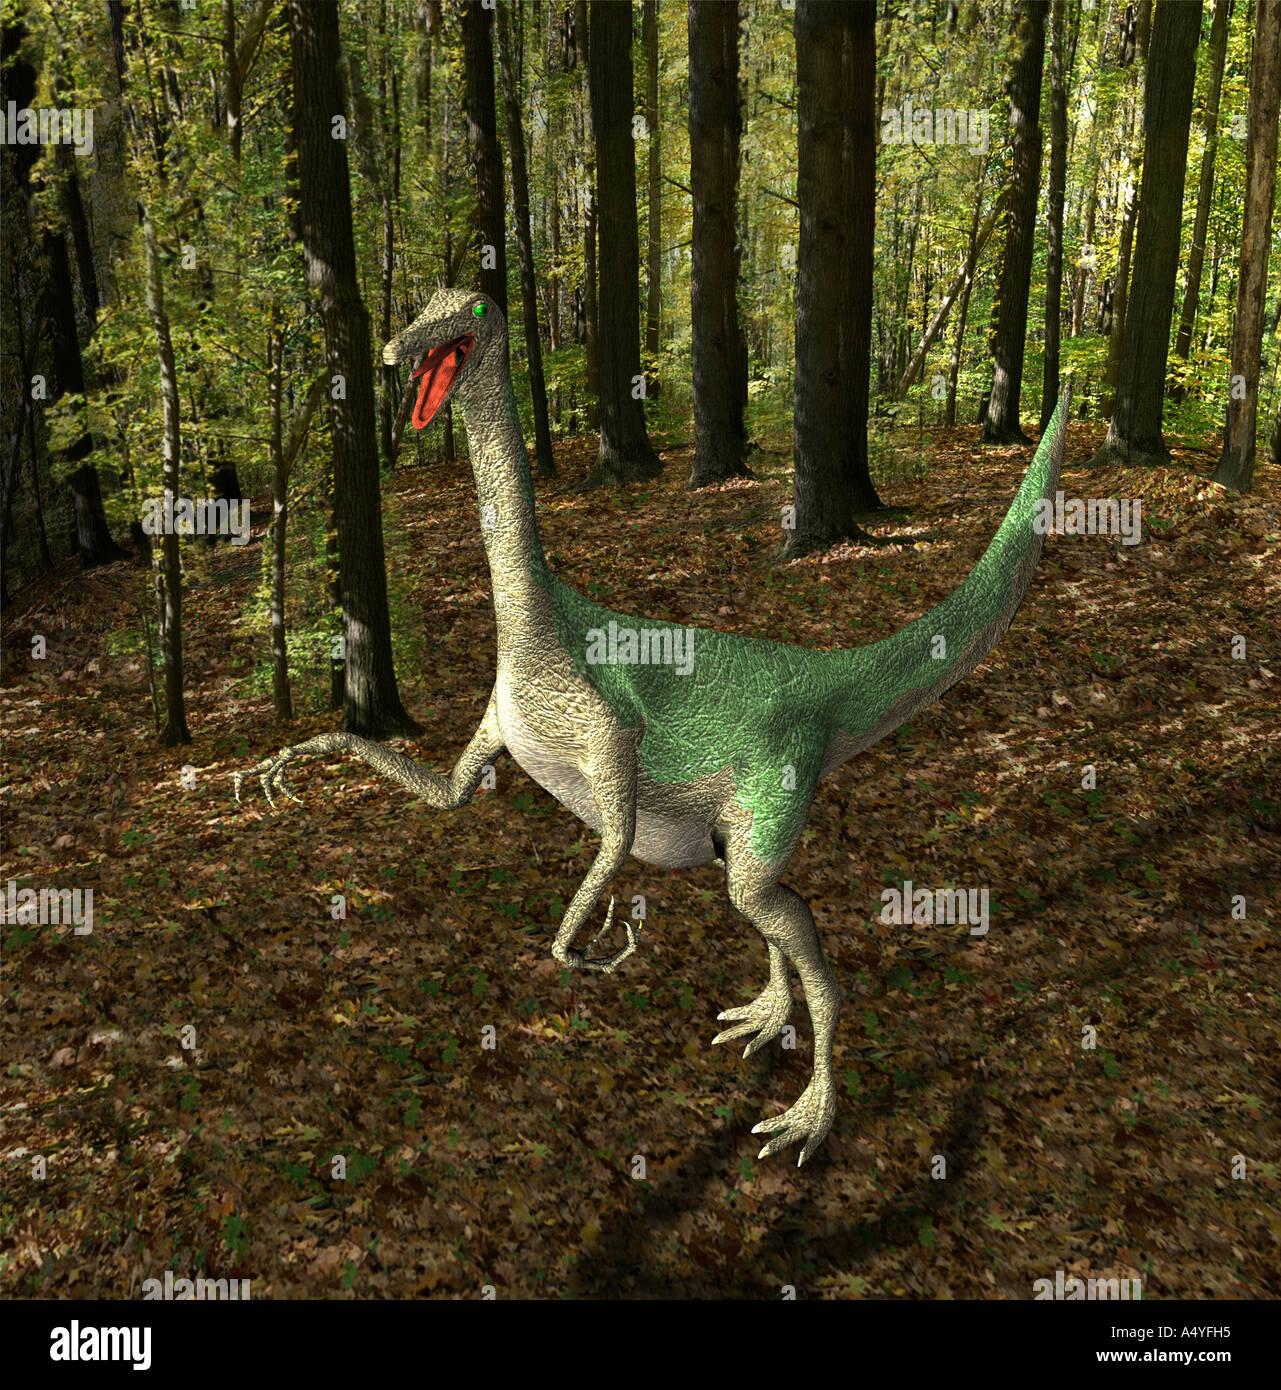 Le Gallimimus semblait également poulets pour imitateurs mentionné avec une longueur de plus de 6 mètres dans la période du Crétacé Photo Stock